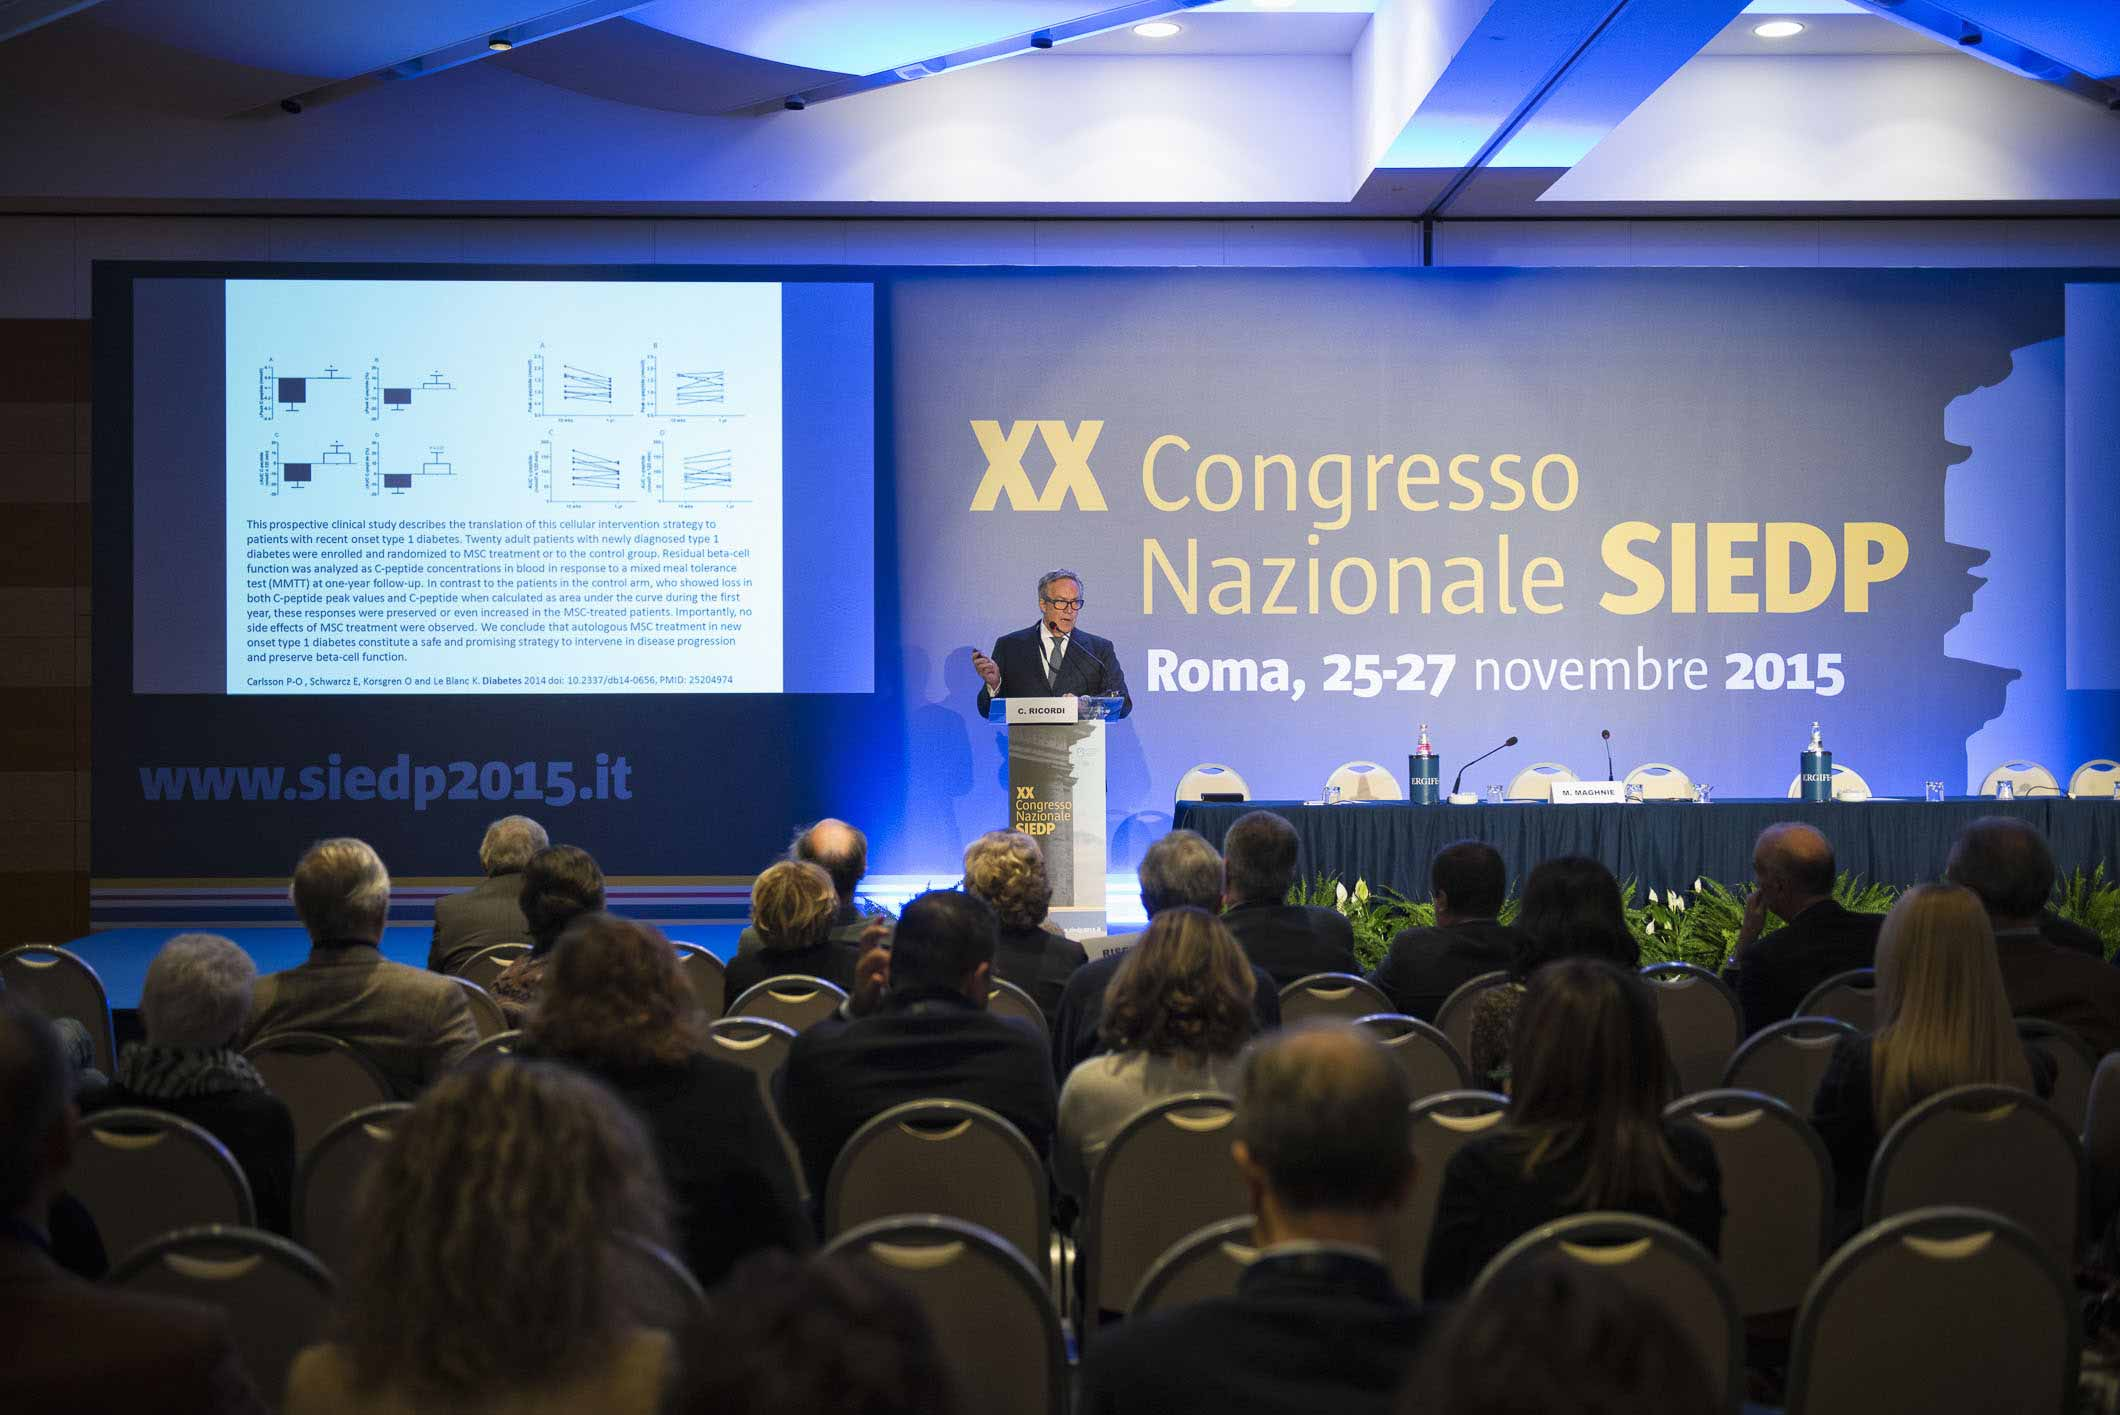 Fotografo per Conferenze a Roma – XX Congresso SIEDP #27